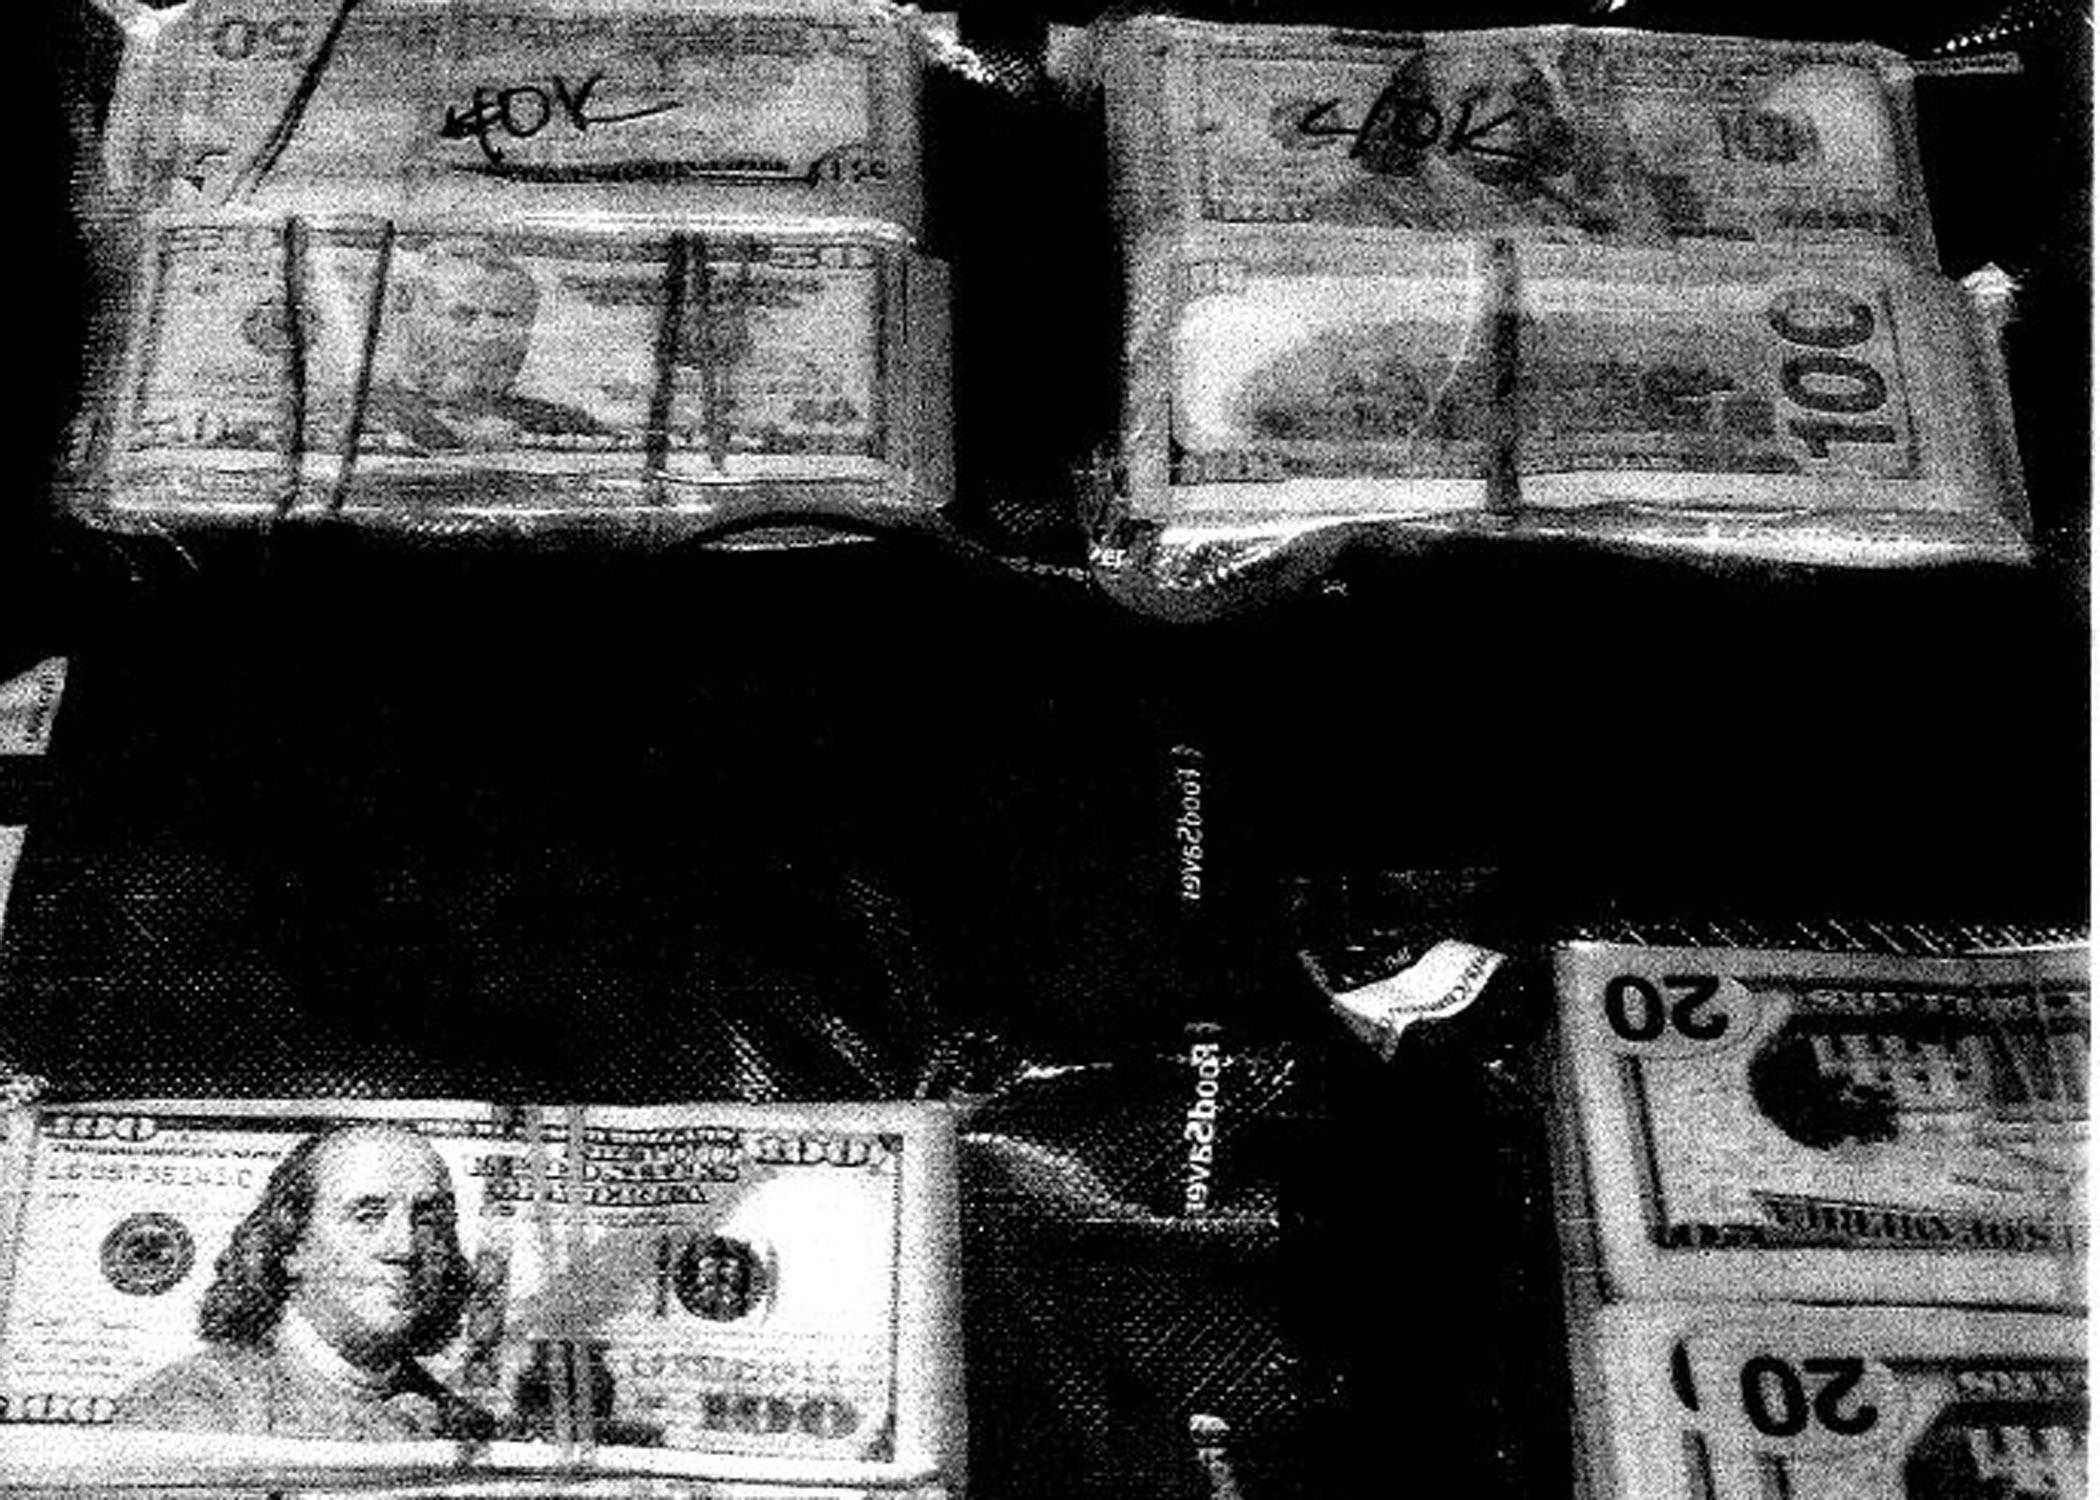 Few Kentucky Police Share Asset Forfeiture Details   Pulitzer Center